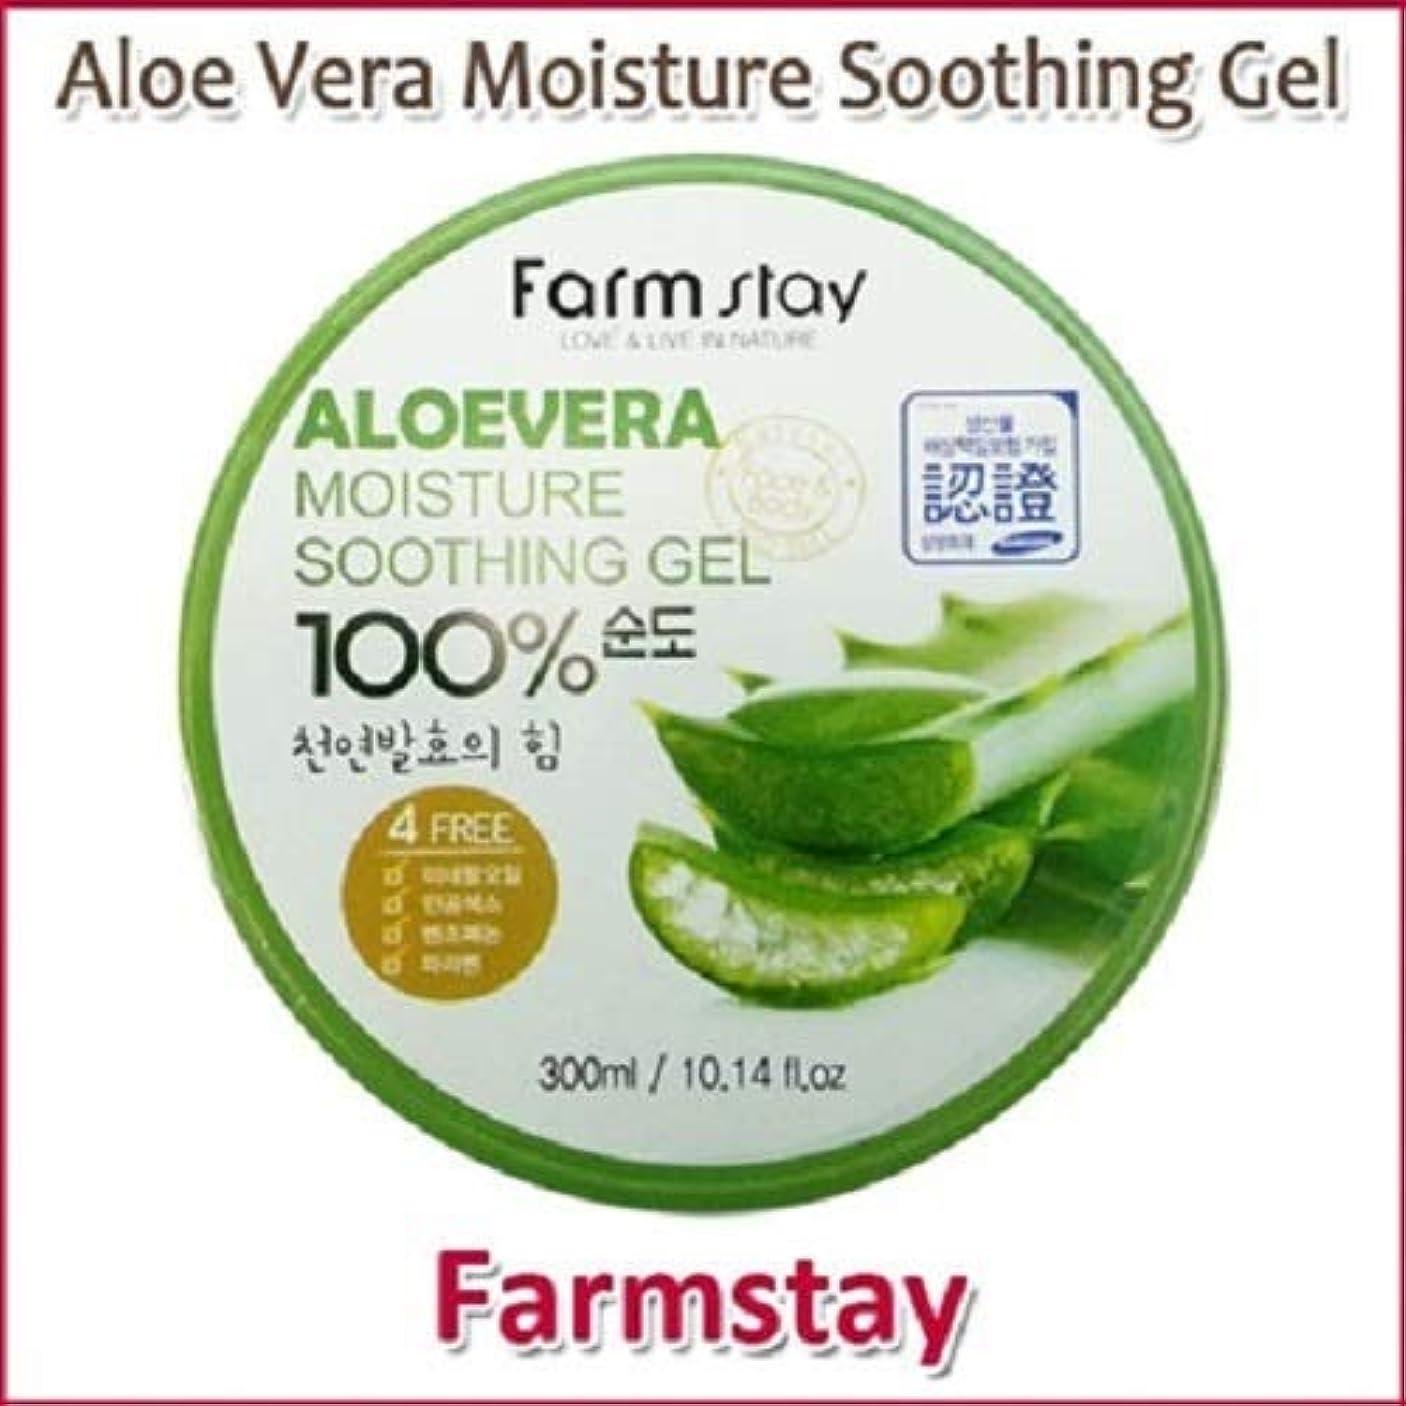 分析的な窓倒錯Farm Stay Aloe Vera Moisture Soothing Gel 300ml /オーガニック アロエベラゲル 100%/保湿ケア/韓国コスメ/Aloe Vera 100% /Moisturizing [並行輸入品]